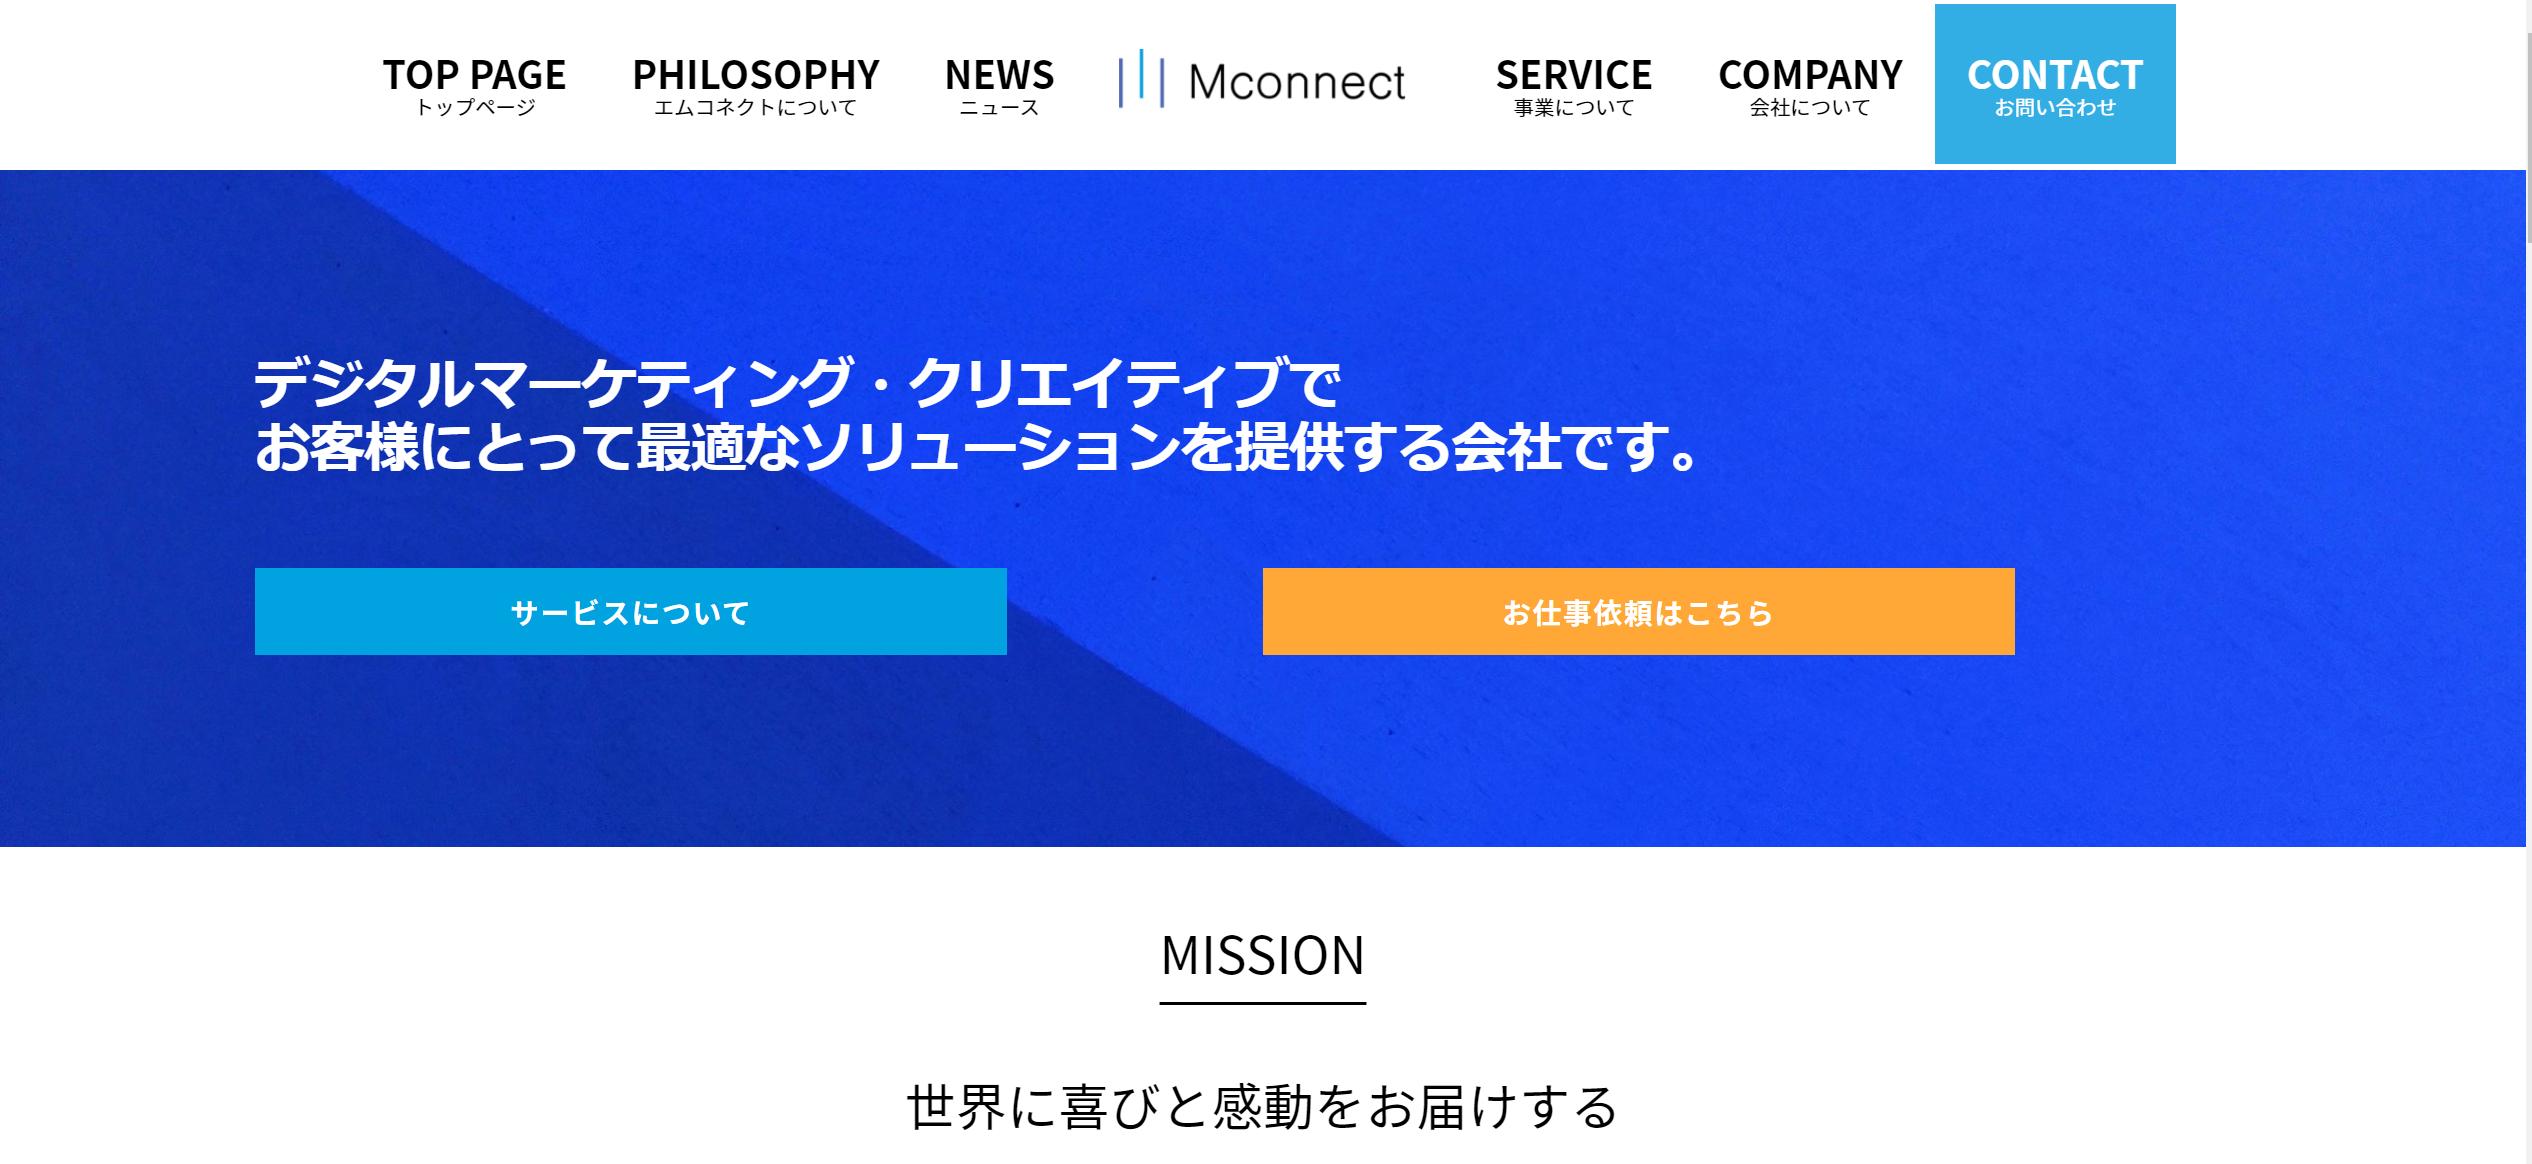 ホームページ制作会社 合同会社Mconenct